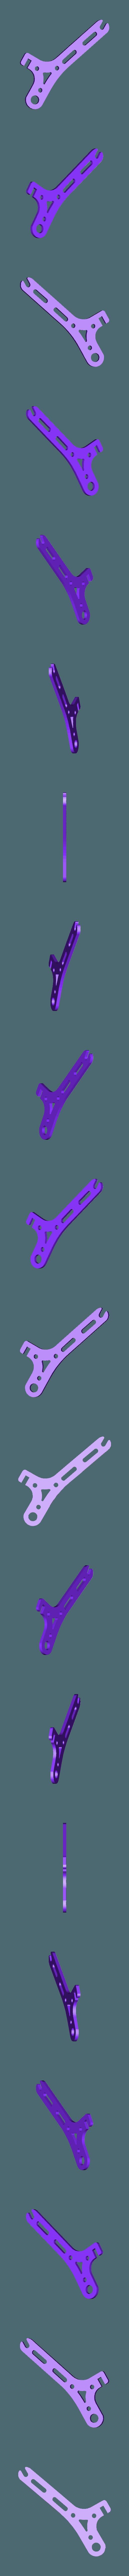 Spool_Holder.stl Télécharger fichier STL gratuit Un fort détenteur de 4 bobines • Design pour impression 3D, dancingchicken